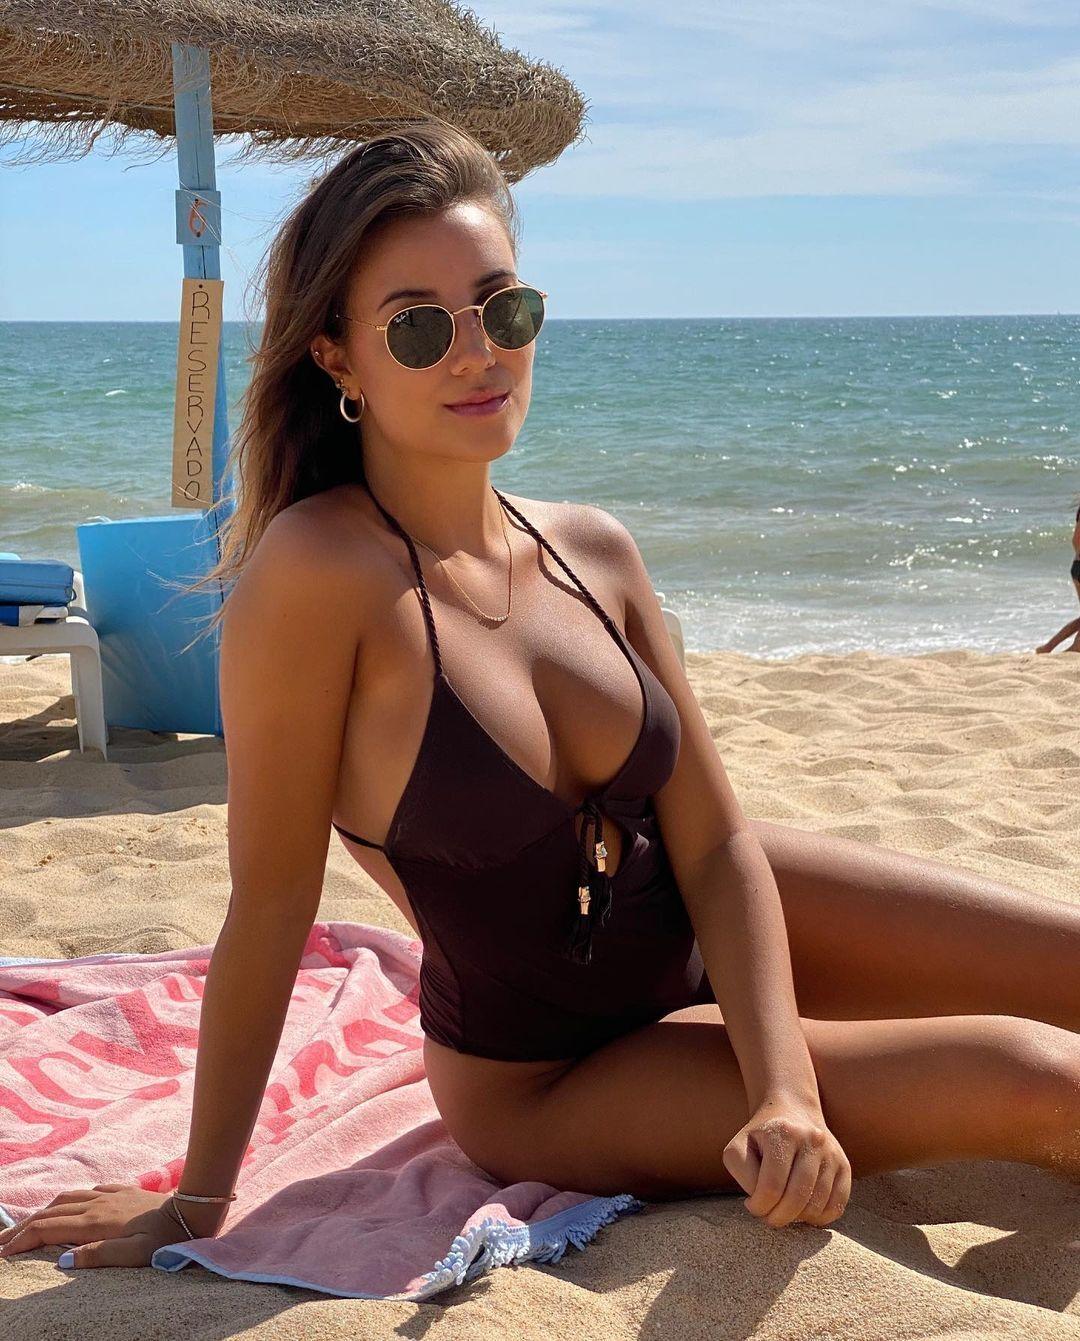 Эйприл Айви на пляже